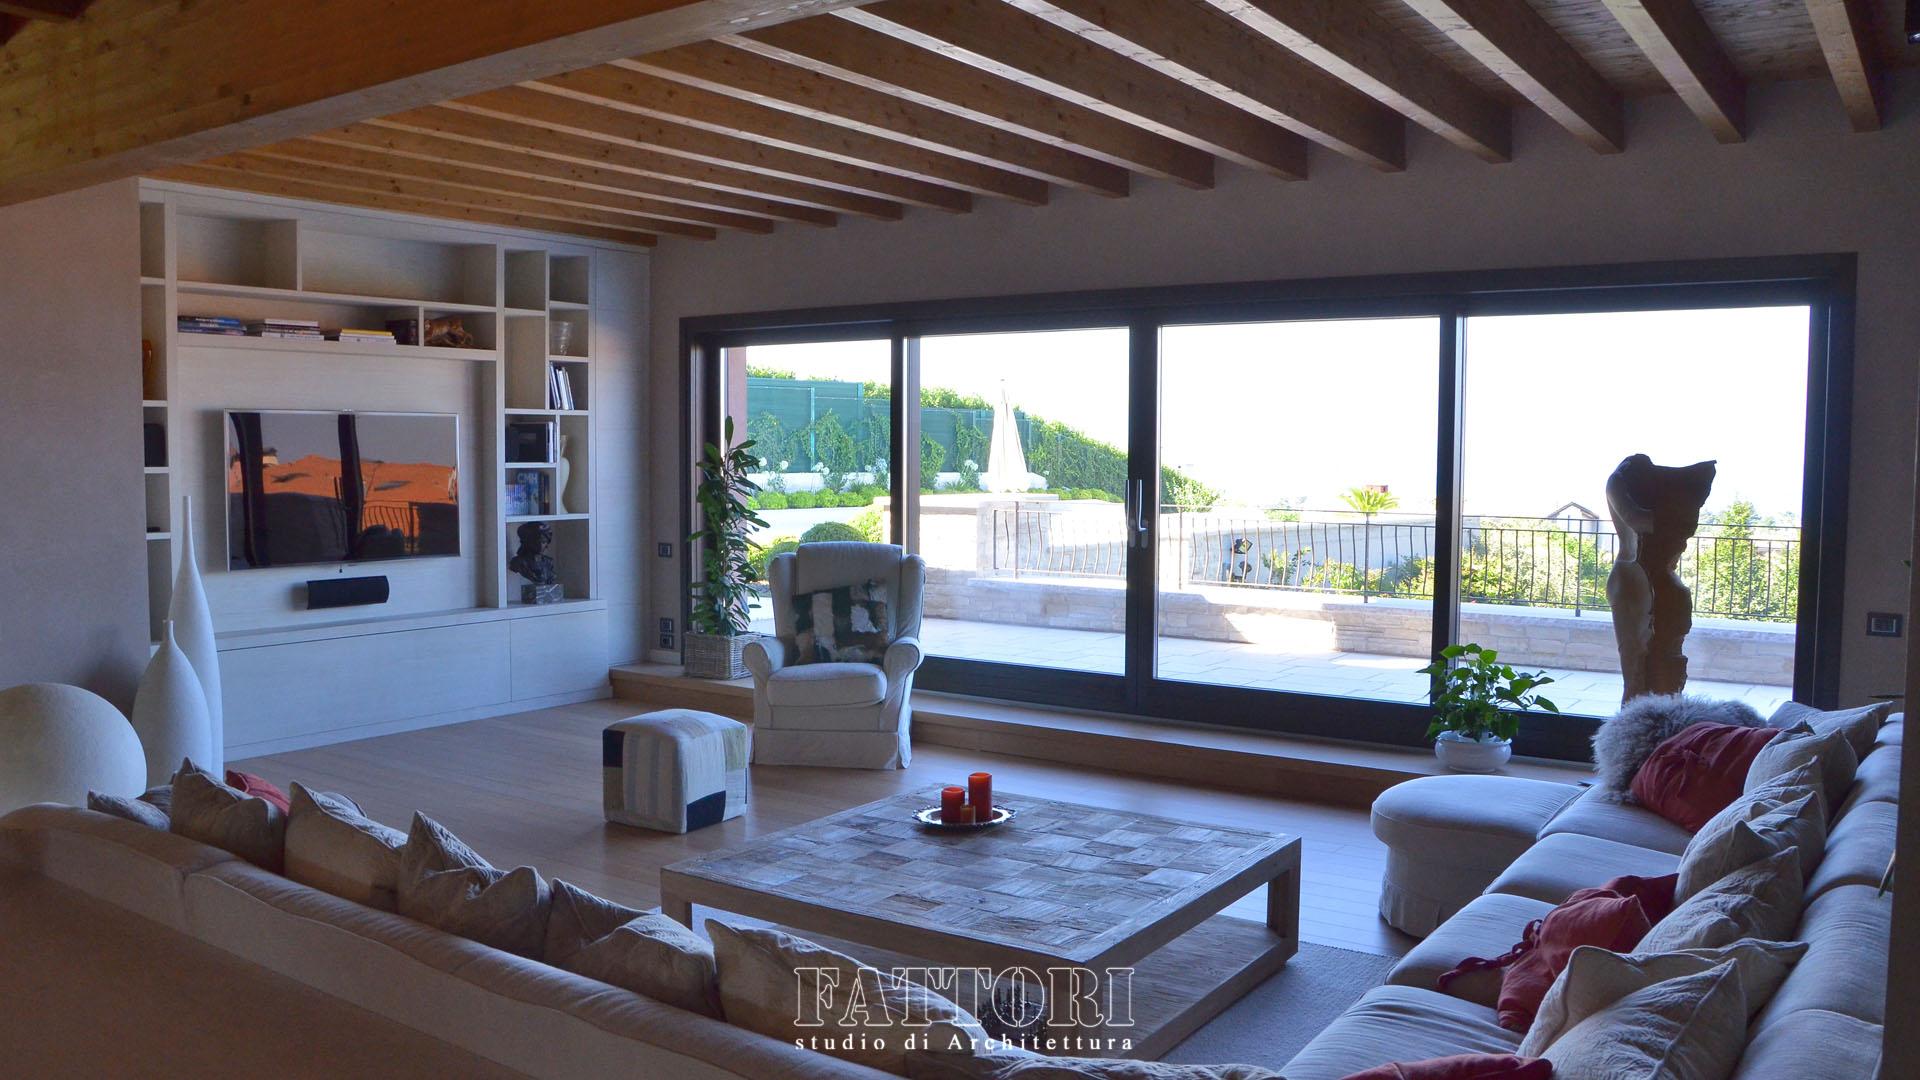 Studio di Architettura Fattori Fausto_progettazione ville residenziali_17